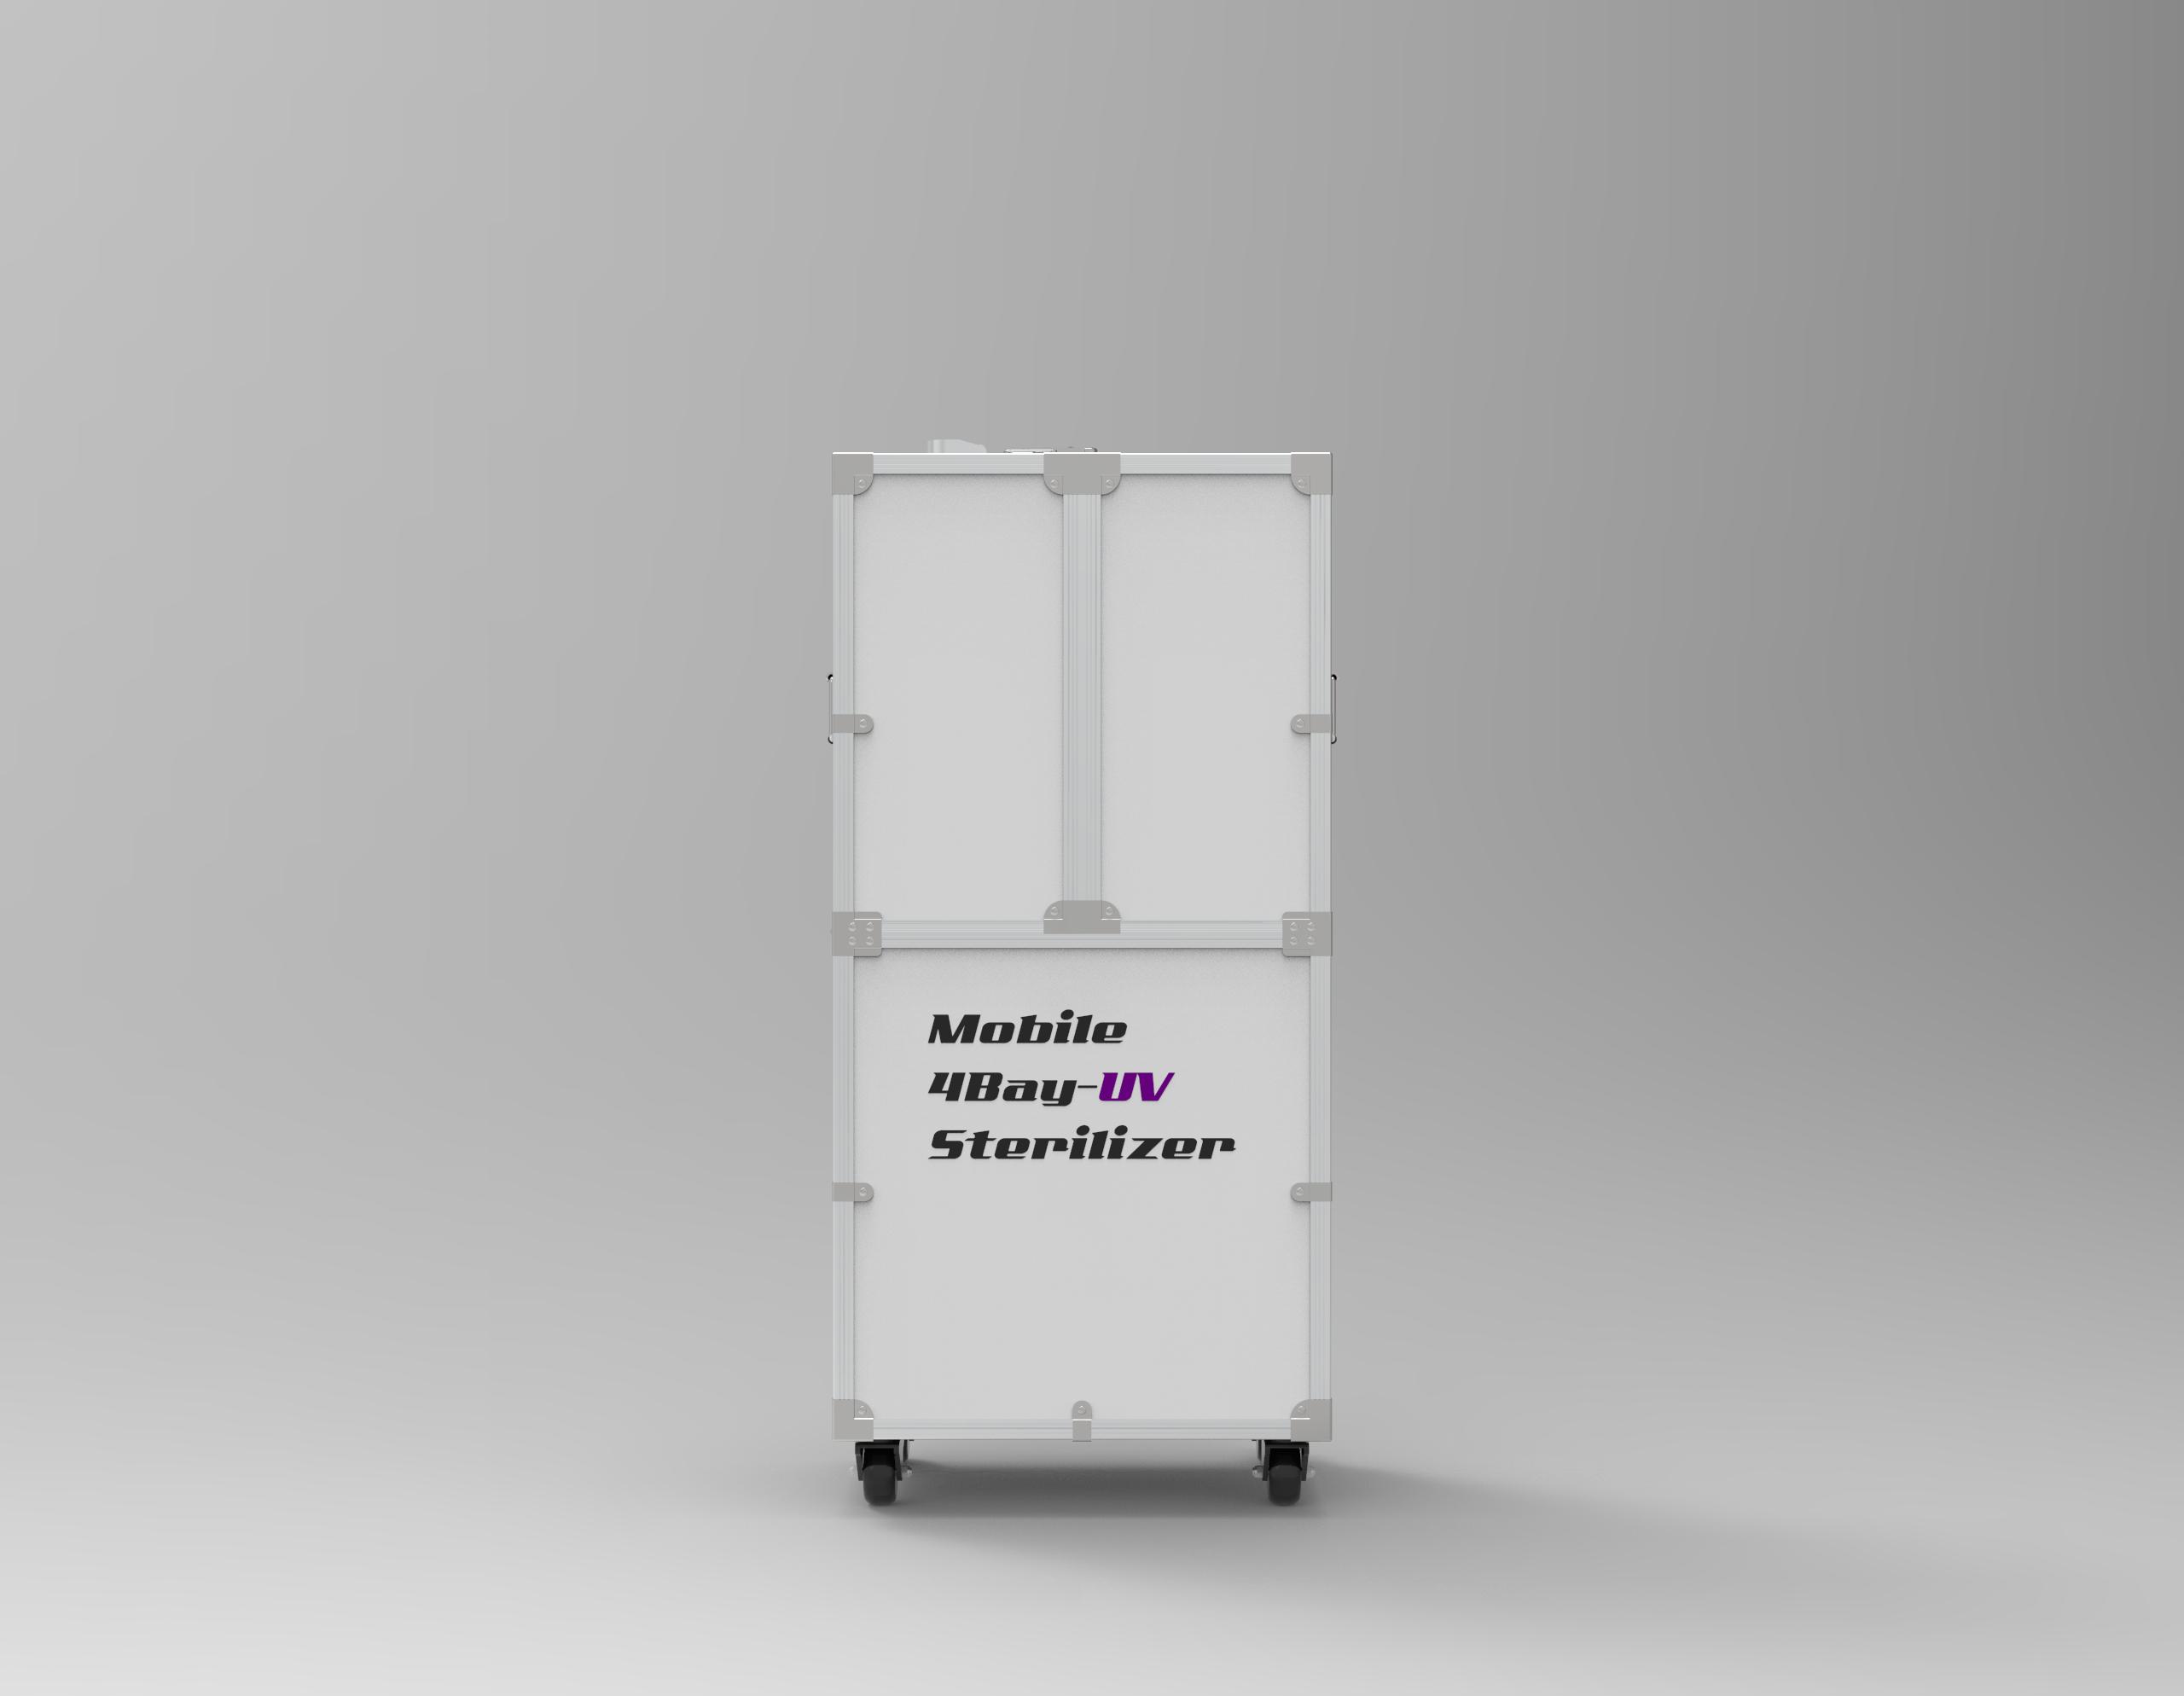 Mobile 4Bay-UV Sterilizer